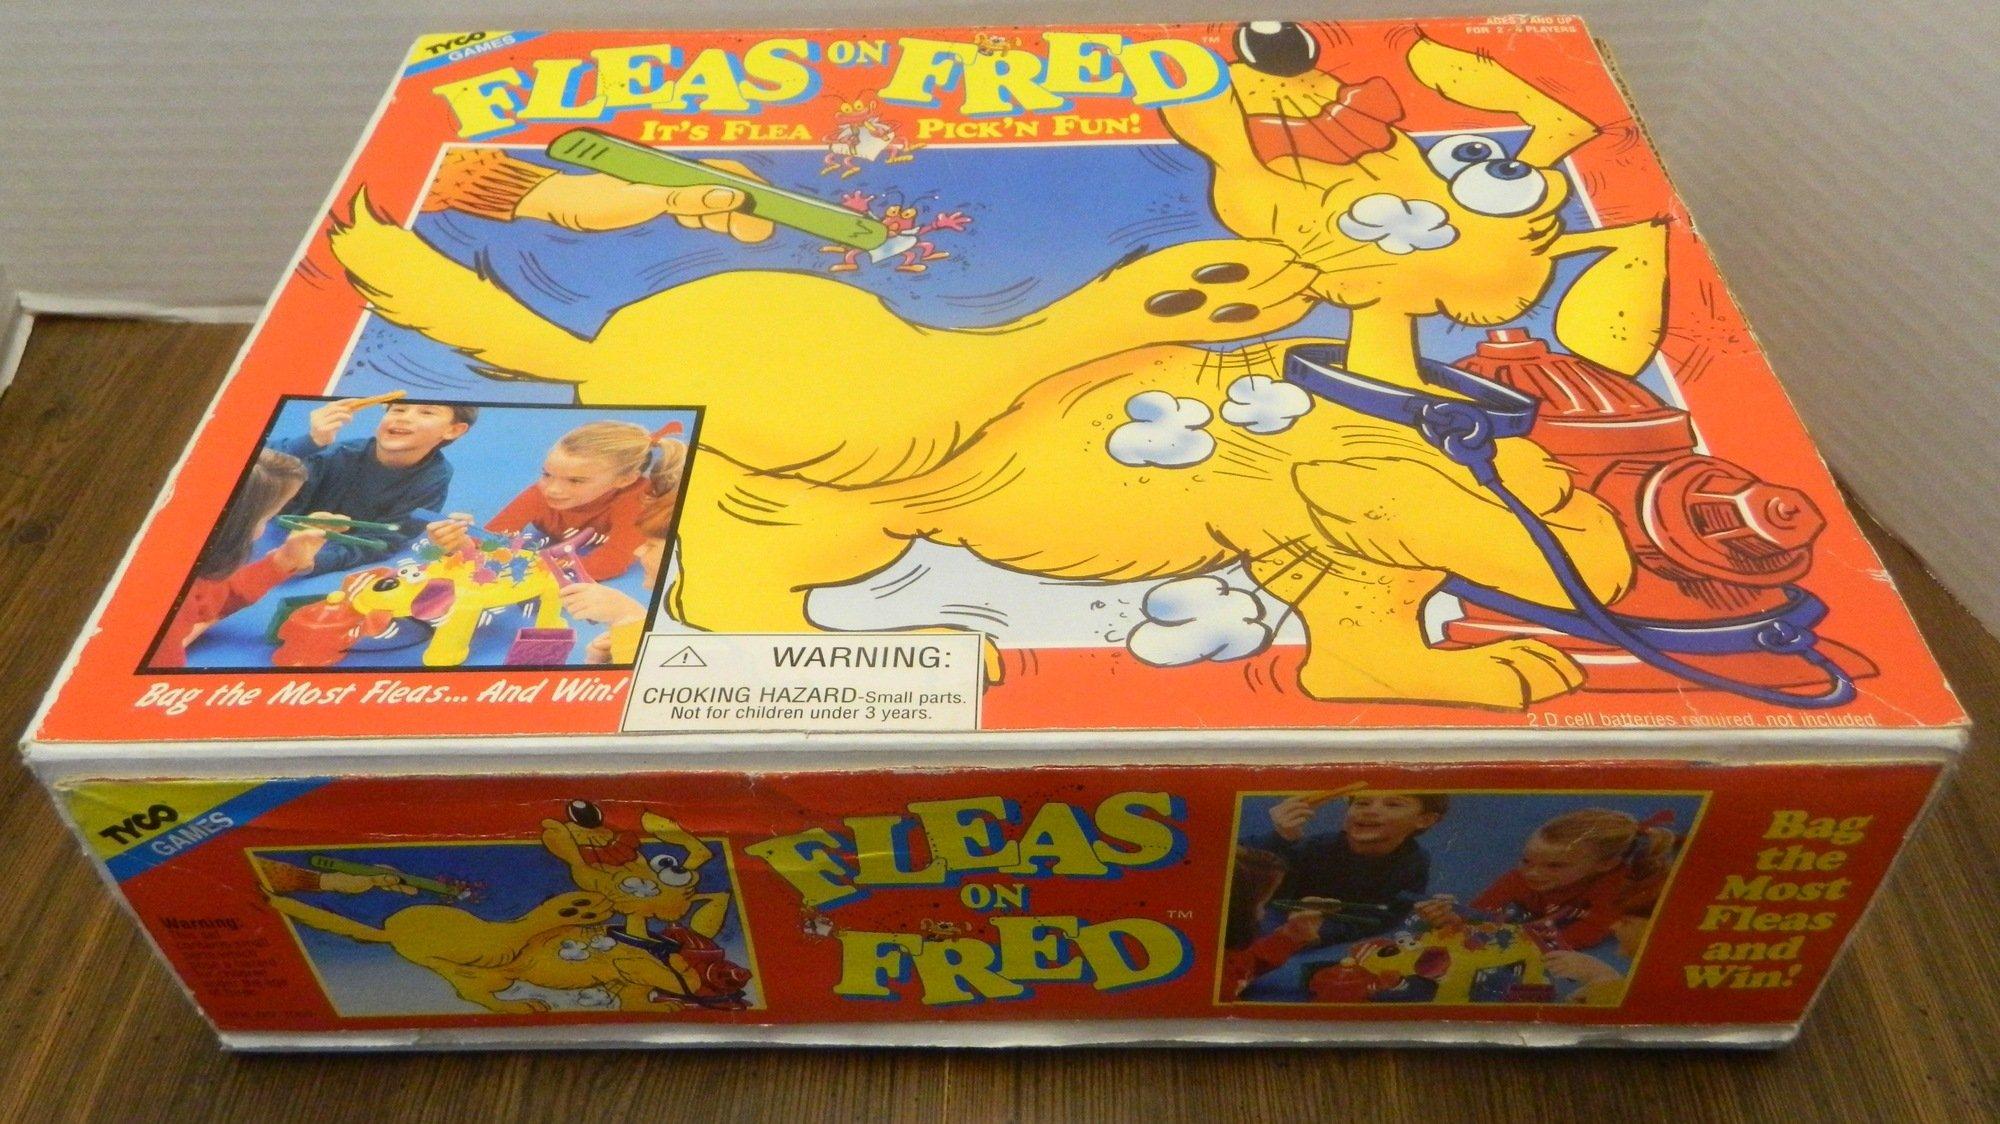 Fleas on Fred Box